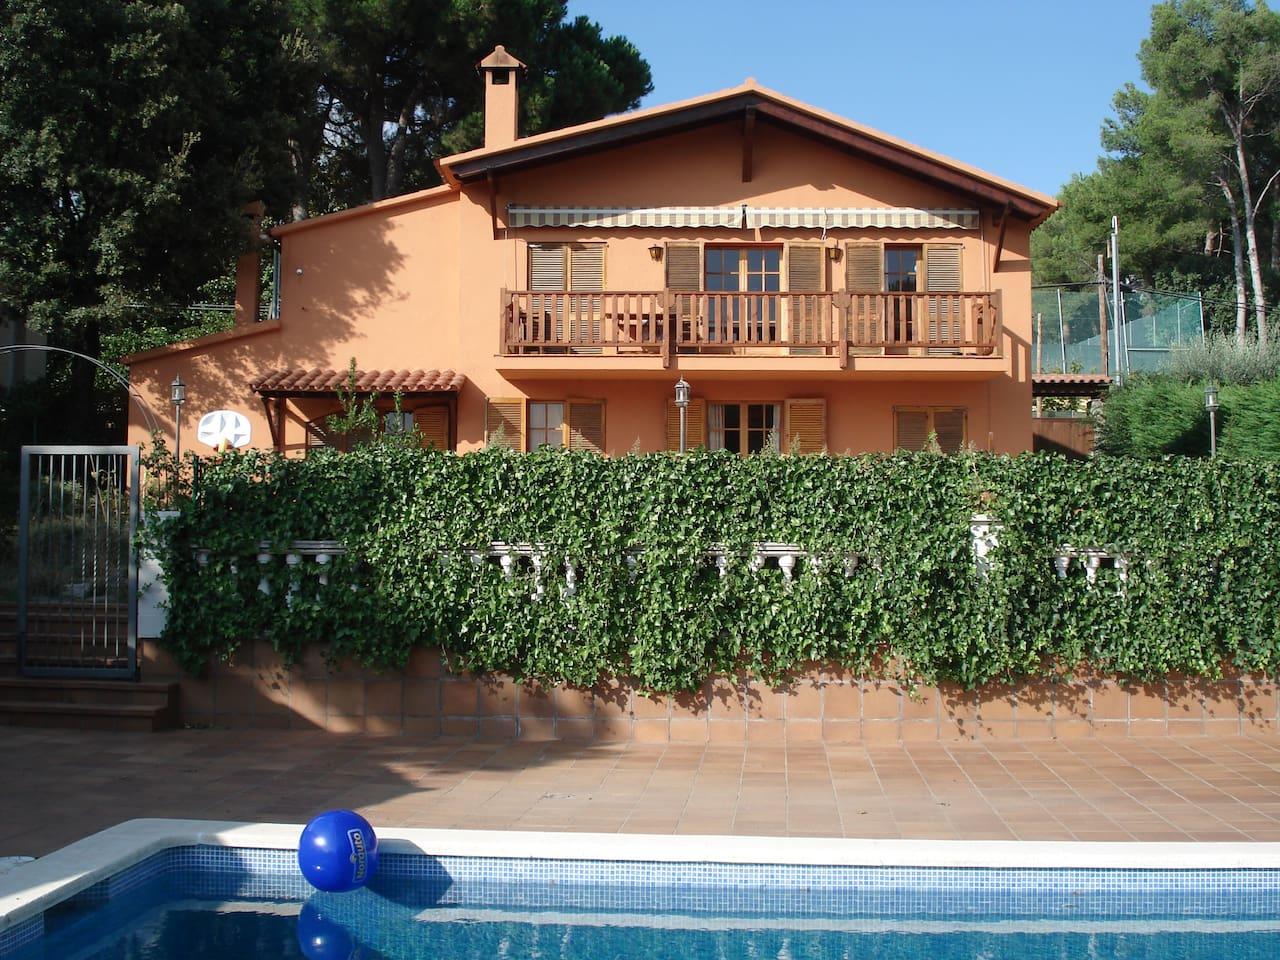 Vista de la casa desde abajo, desde la piscina.